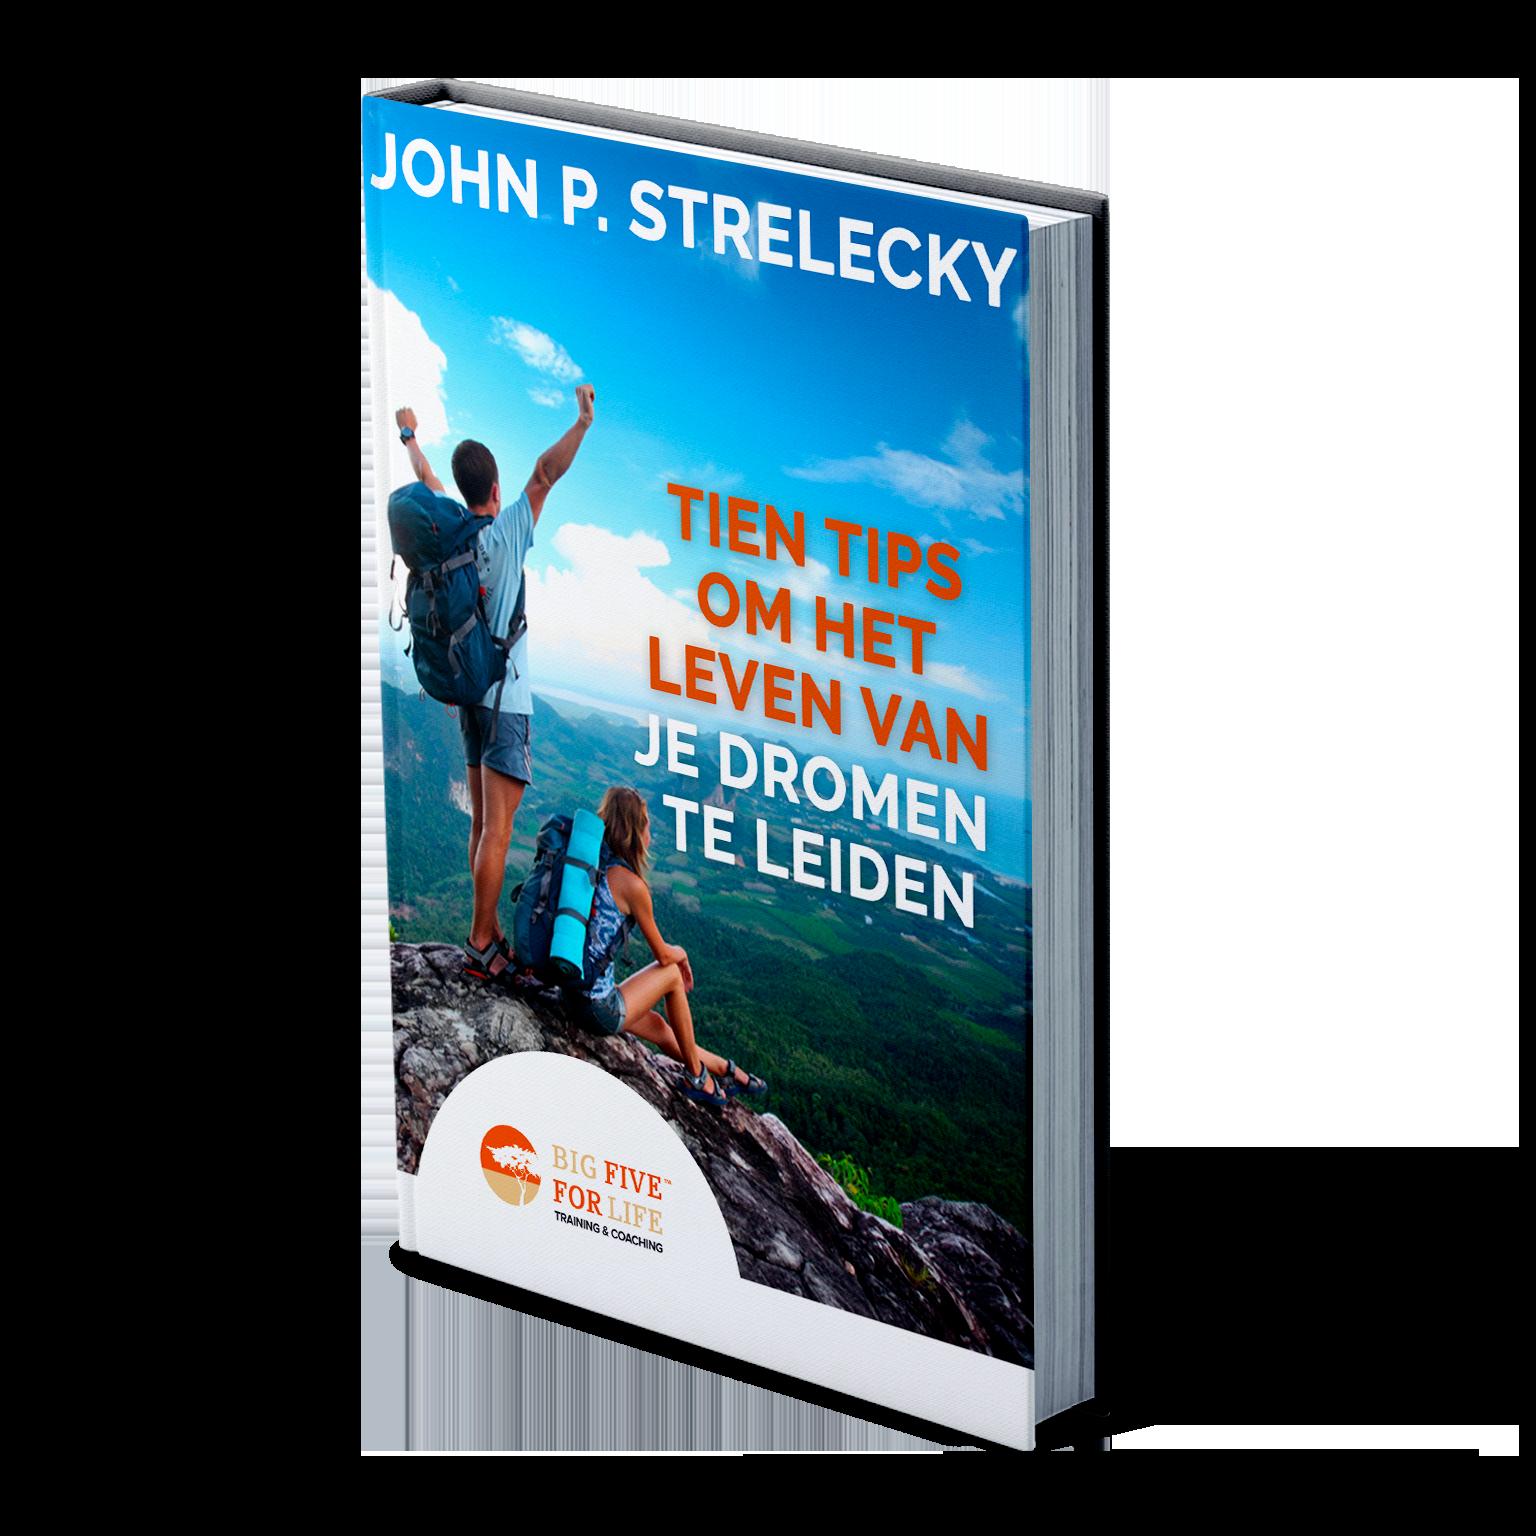 Ebook - 10 tips om het leven van je dromen te leven big five for life john p strelecky